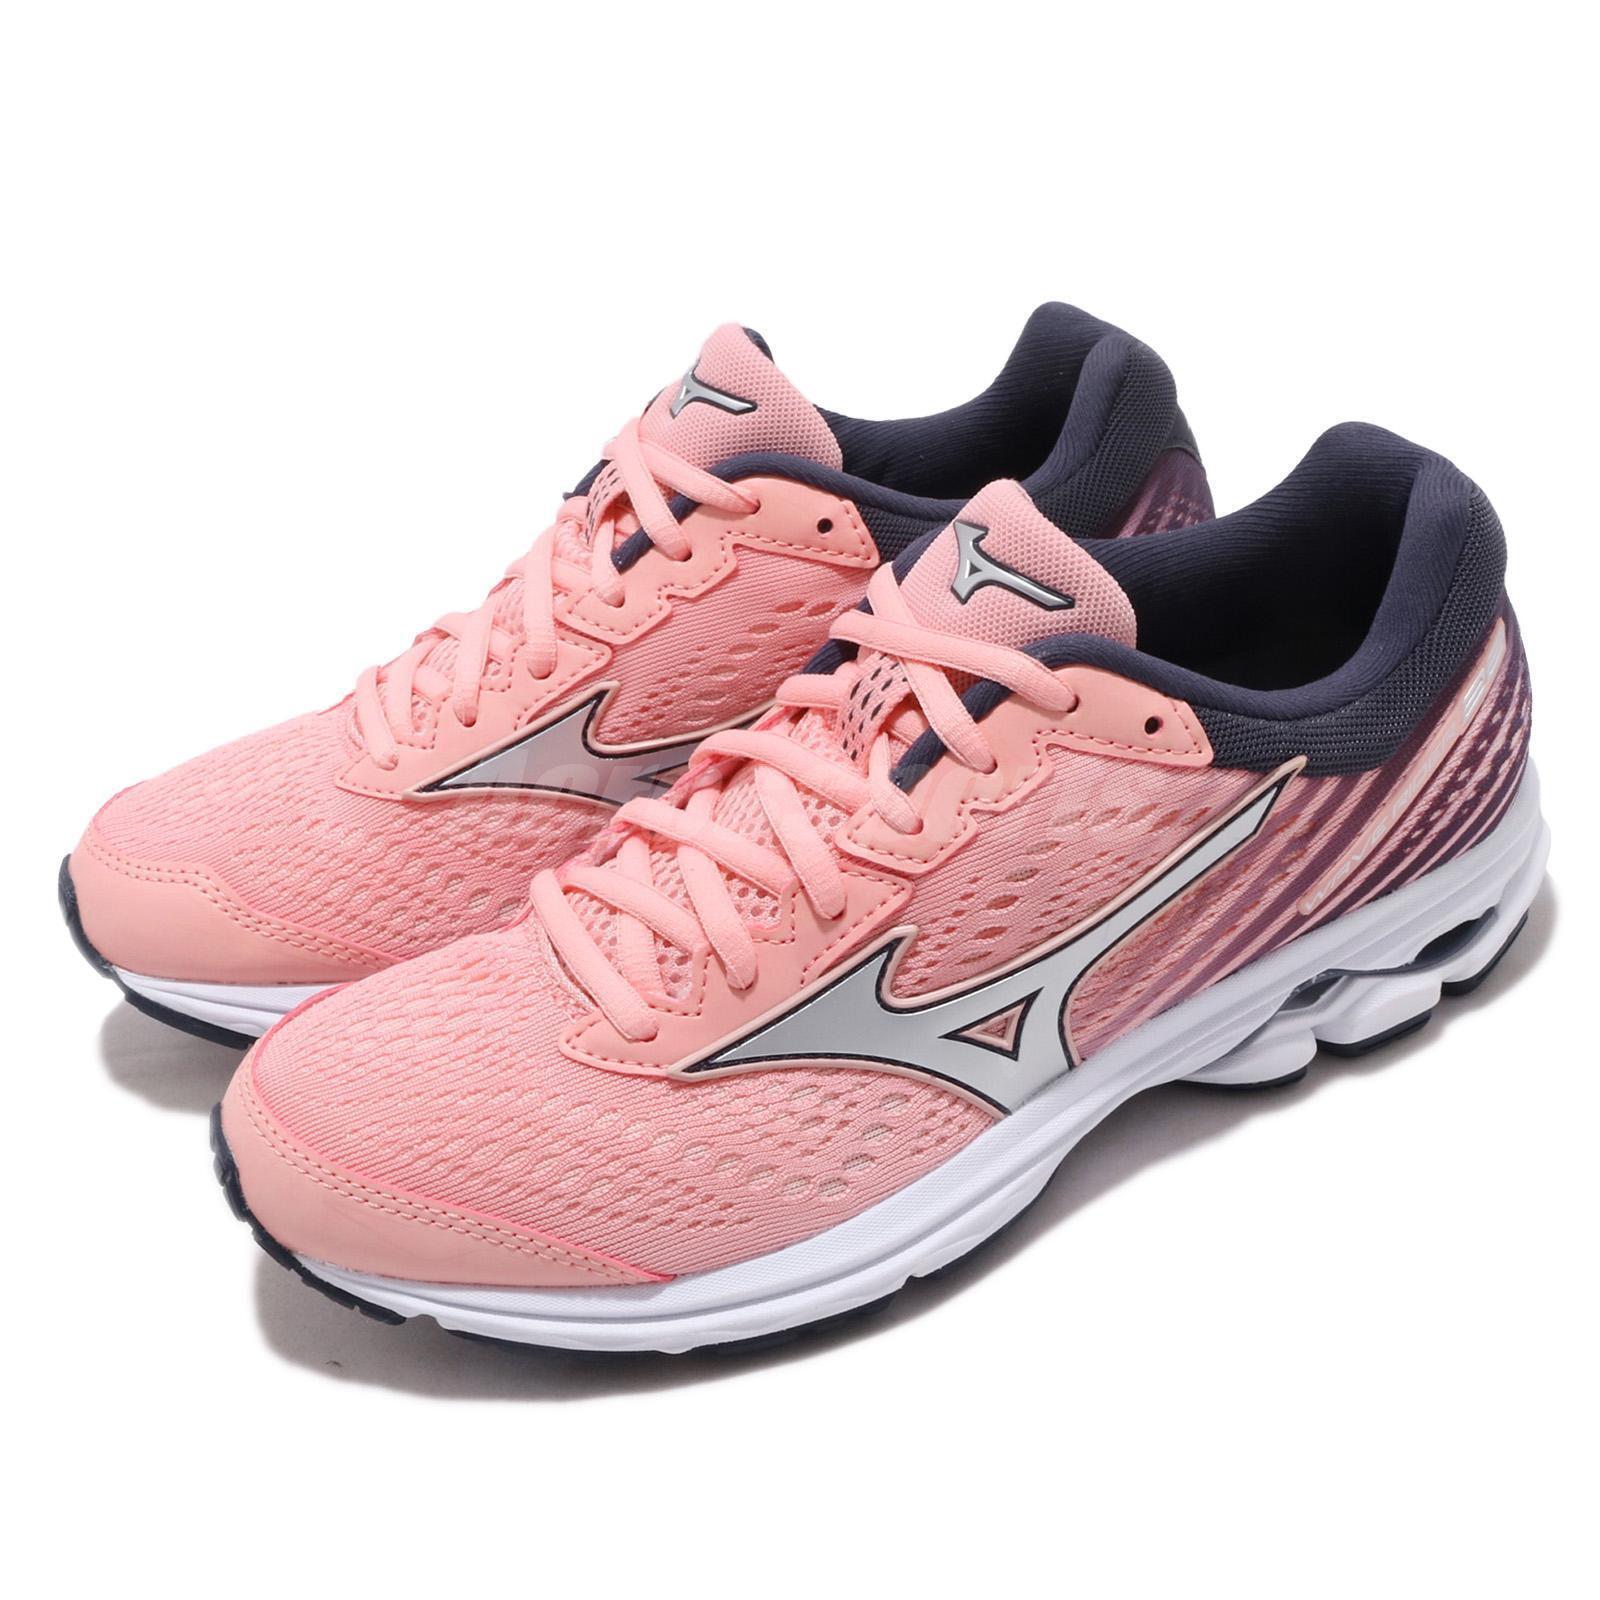 Mizuno Wave Rider 22 rosado plata blanco mujer Running zapatos zapatos zapatos zapatillas J1GD1831-74  mejor opcion